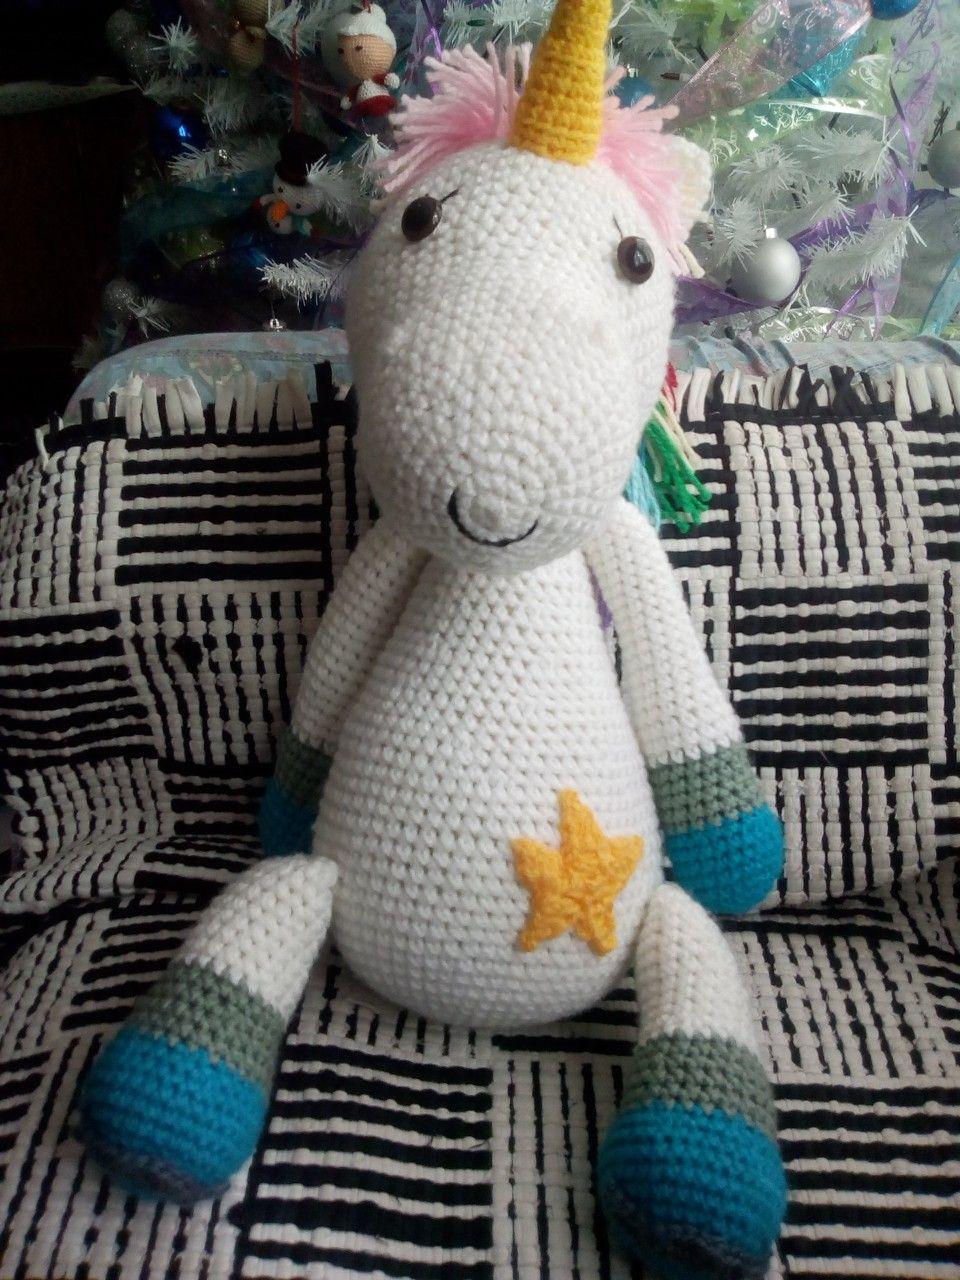 Amigurumi Knitting Unicorn Amigurumi Dozer – Amigurumi Patterns | 1280x960